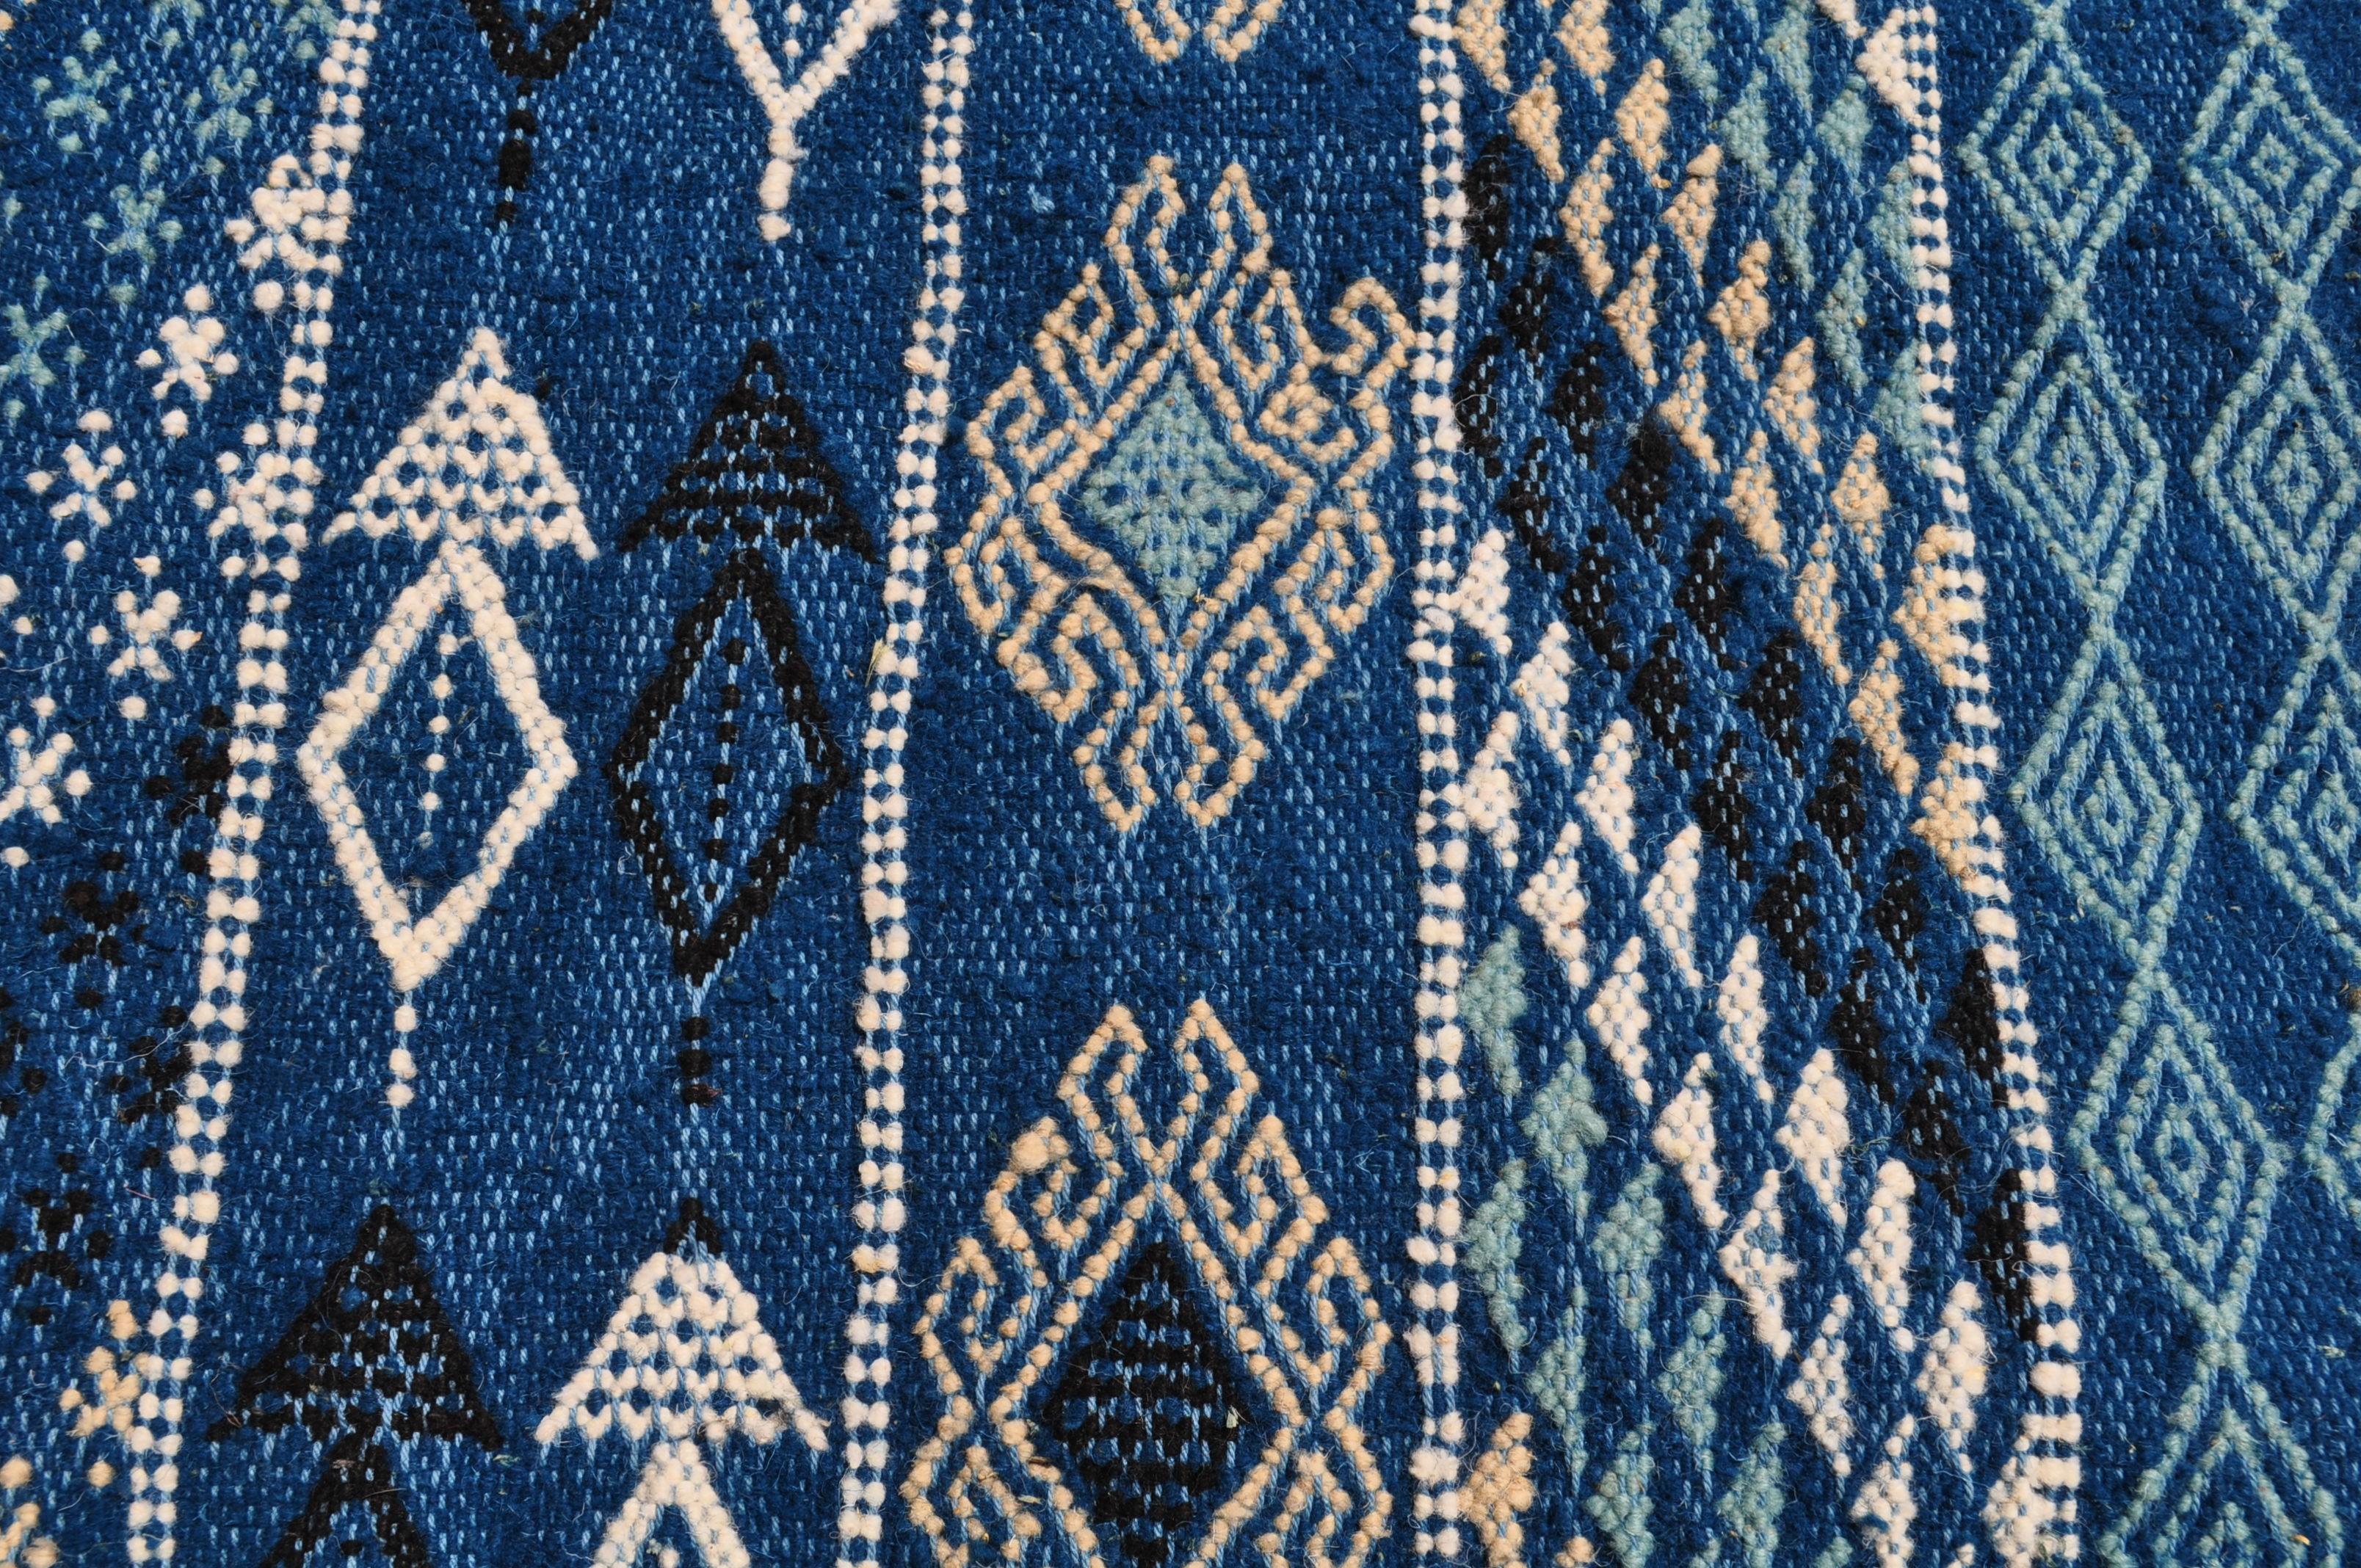 grands tapis tapis kilims et mergoums de tunisie et maroc 200 x 300 cm tapis touiref. Black Bedroom Furniture Sets. Home Design Ideas